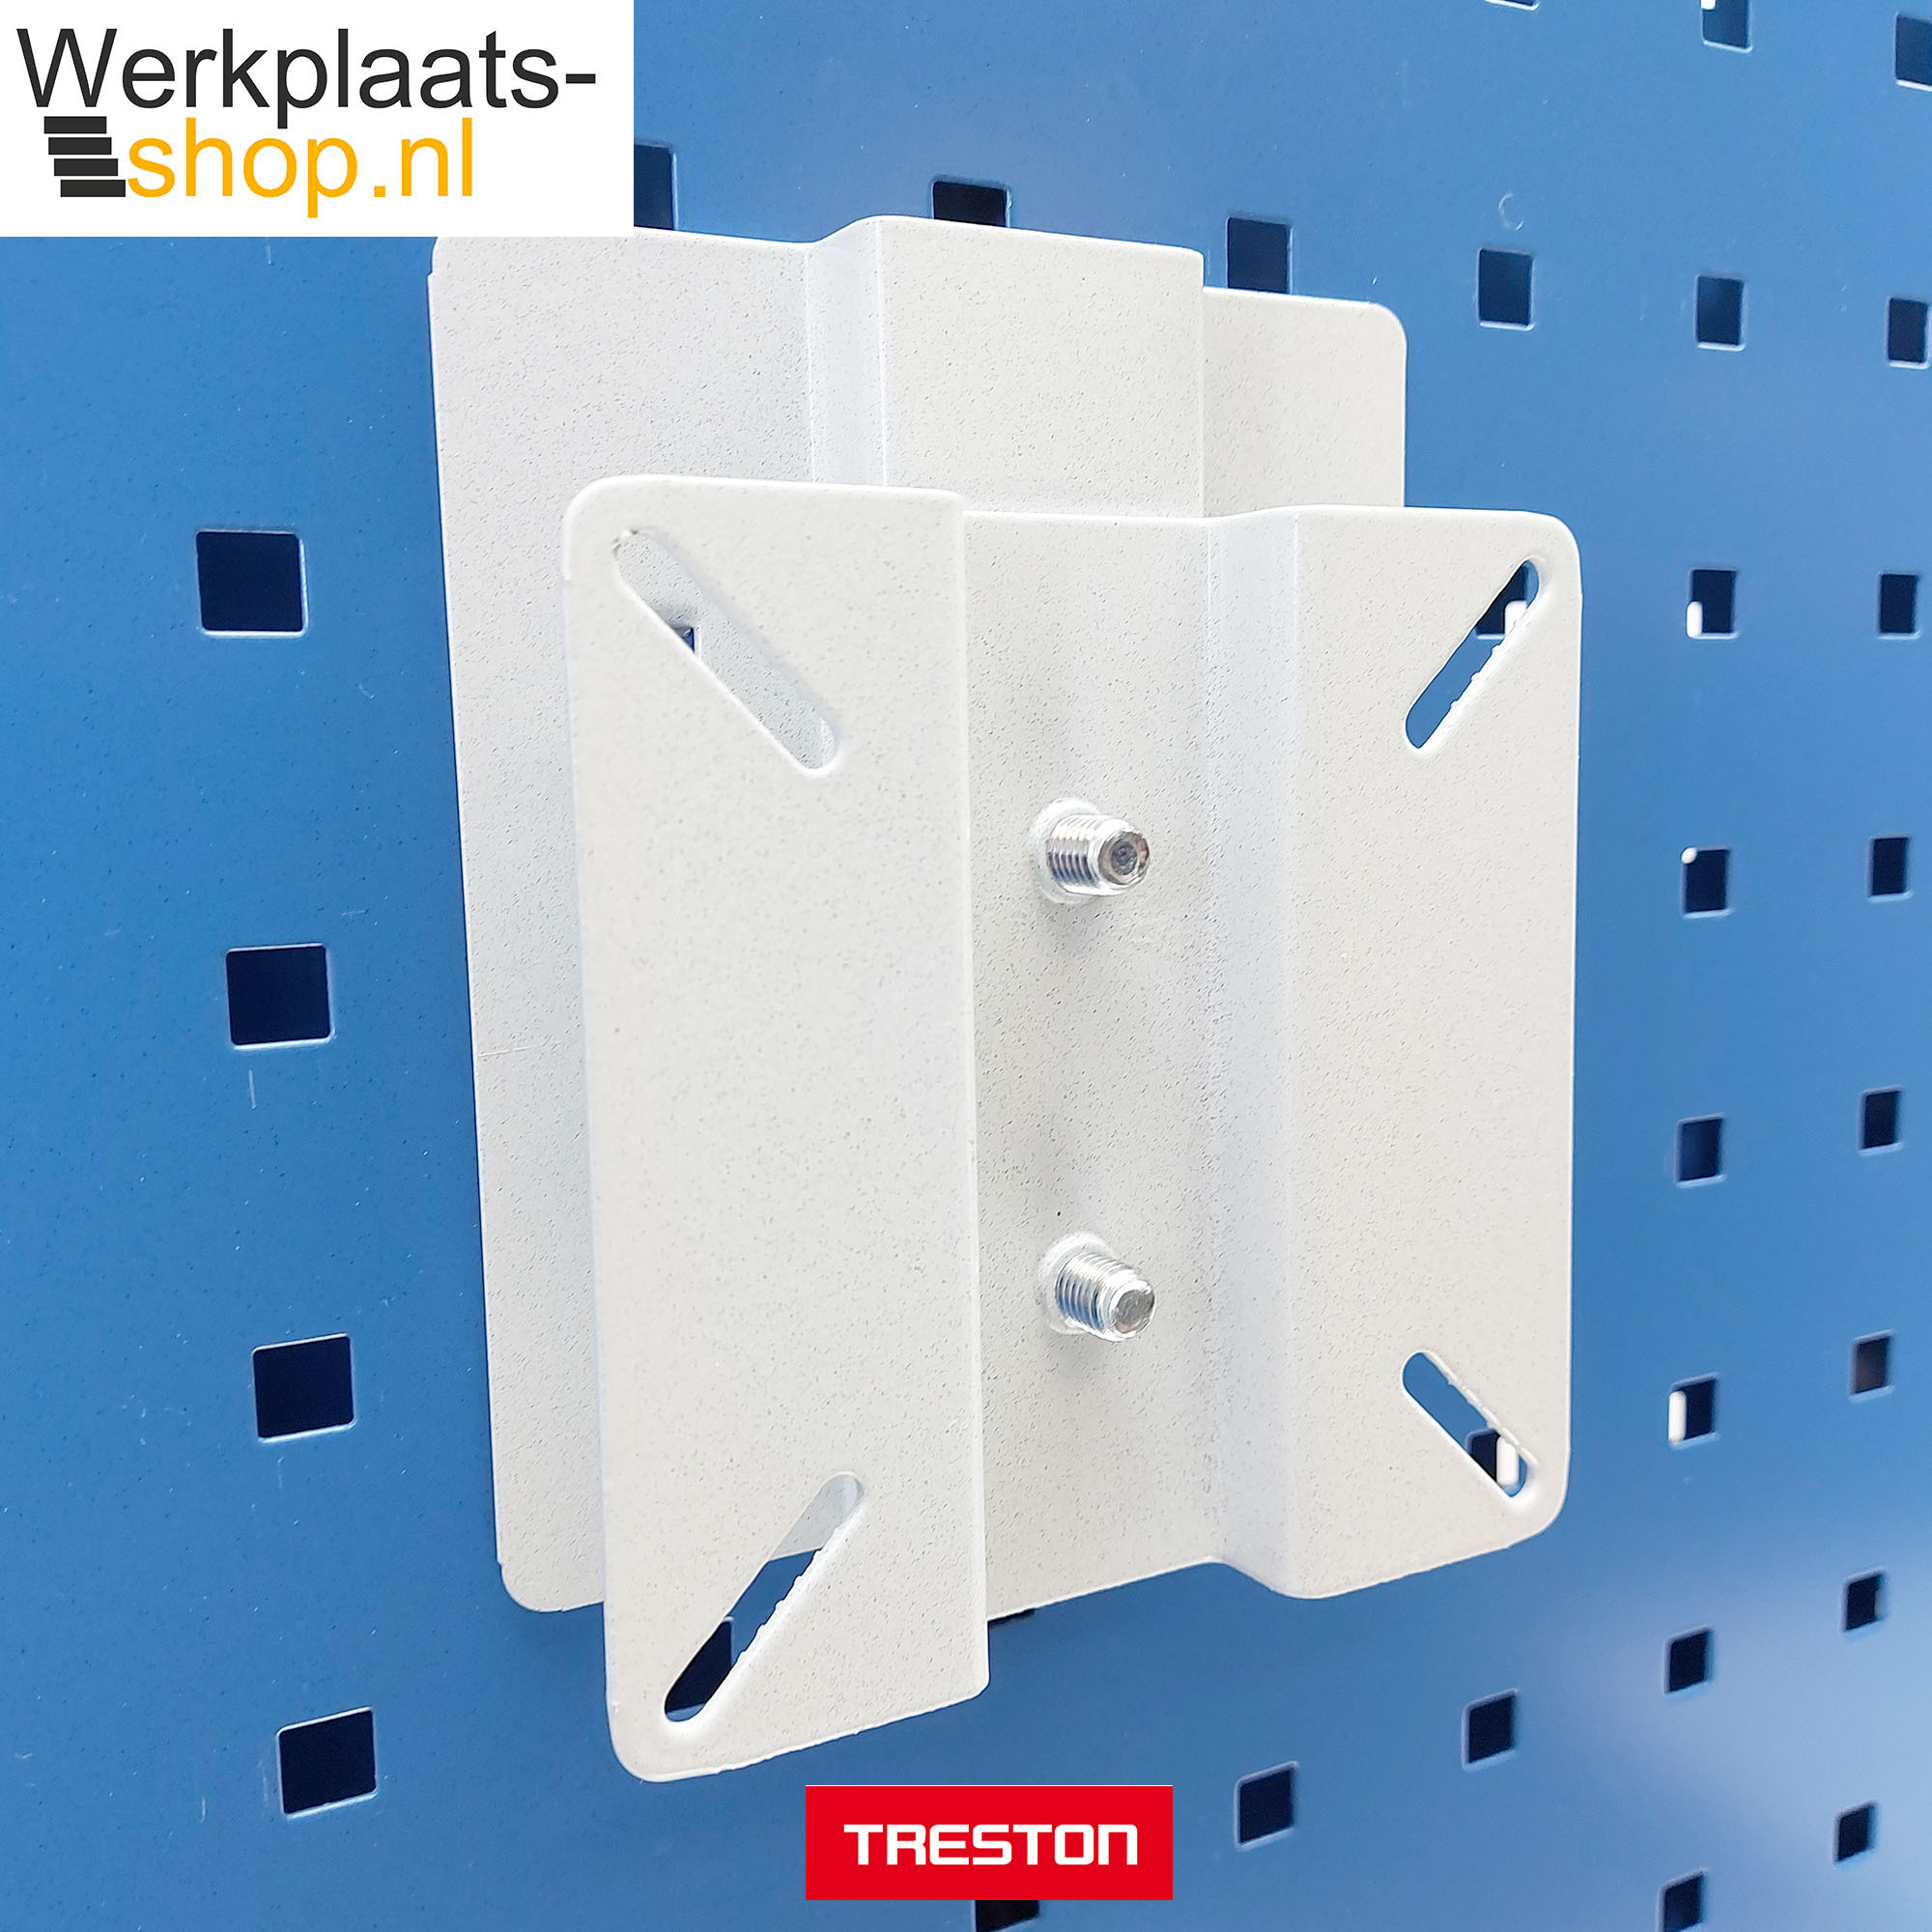 Werkplaats-shop.nl Treston LCD houder op gereedschapsbord voor het bevestigen van een informatiescherm